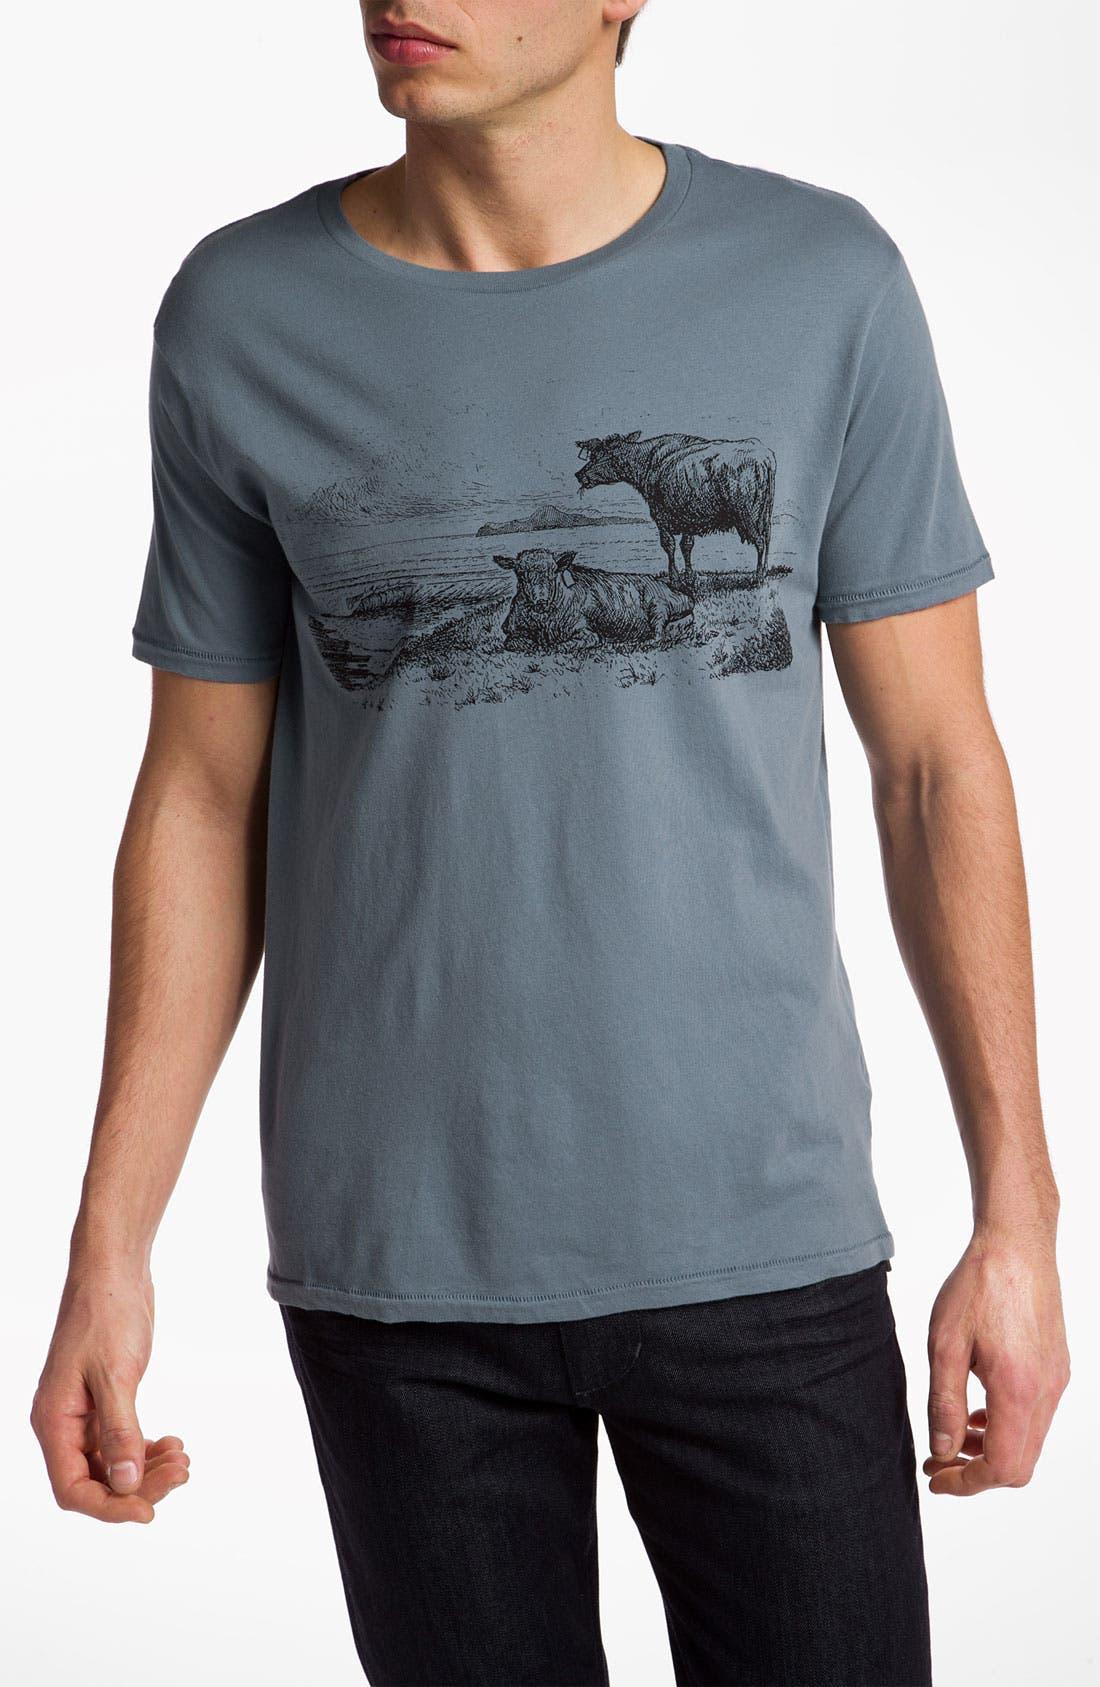 Alternate Image 1 Selected - VSTR 'Old Bull' Graphic T-Shirt